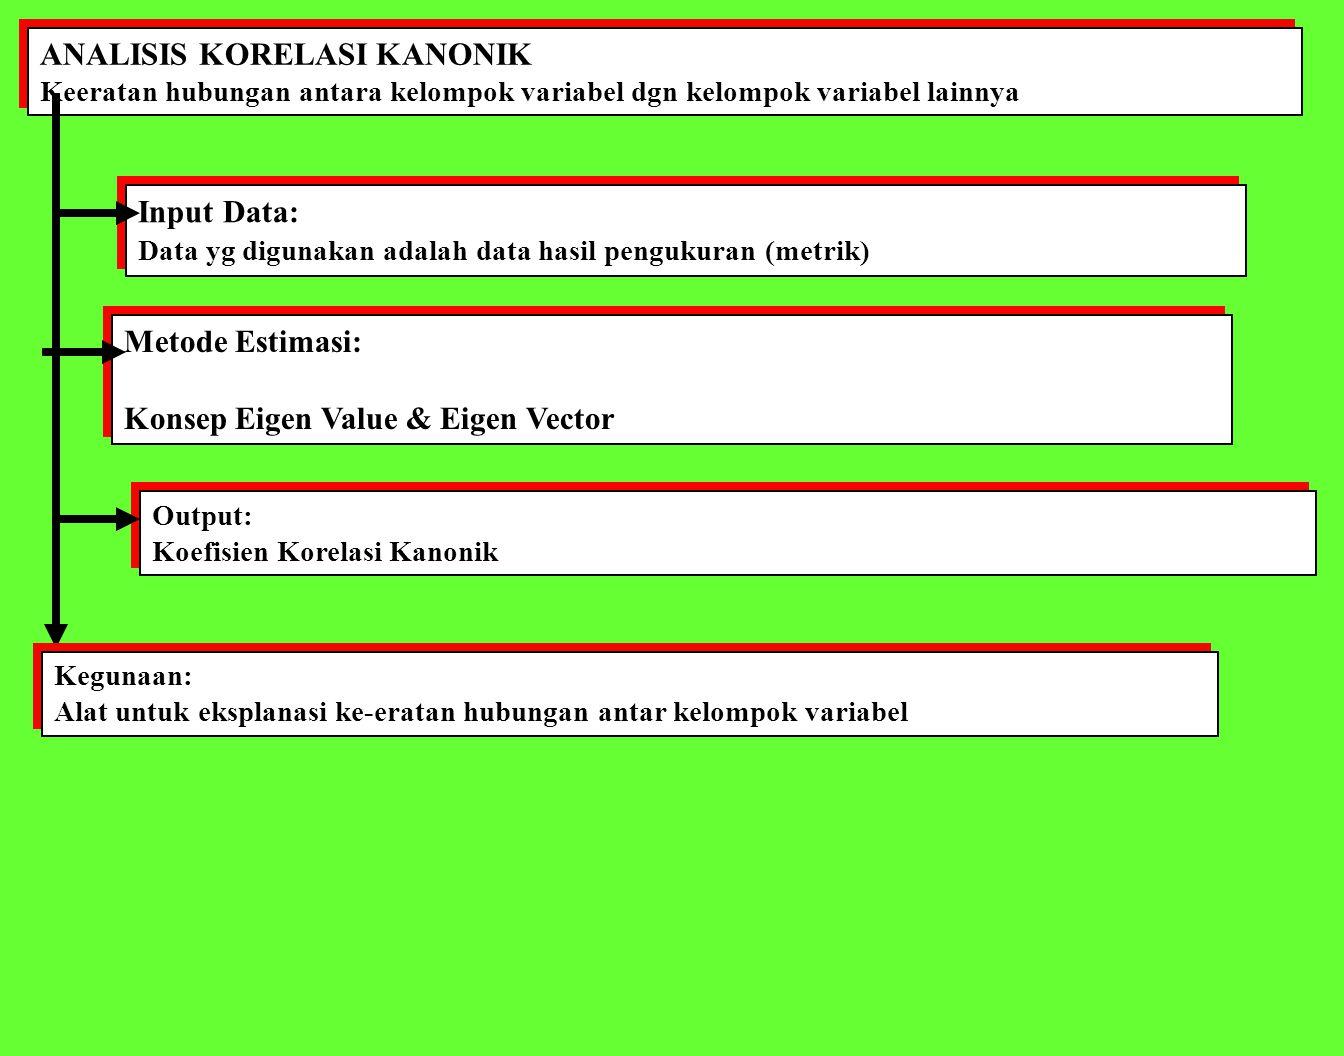 ANALISIS KORELASI KANONIK Keeratan hubungan antara kelompok variabel dgn kelompok variabel lainnya ANALISIS KORELASI KANONIK Keeratan hubungan antara kelompok variabel dgn kelompok variabel lainnya Input Data: Data yg digunakan adalah data hasil pengukuran (metrik) Input Data: Data yg digunakan adalah data hasil pengukuran (metrik) Output: Koefisien Korelasi Kanonik Output: Koefisien Korelasi Kanonik Metode Estimasi: Konsep Eigen Value & Eigen Vector Metode Estimasi: Konsep Eigen Value & Eigen Vector Kegunaan: Alat untuk eksplanasi ke-eratan hubungan antar kelompok variabel Kegunaan: Alat untuk eksplanasi ke-eratan hubungan antar kelompok variabel